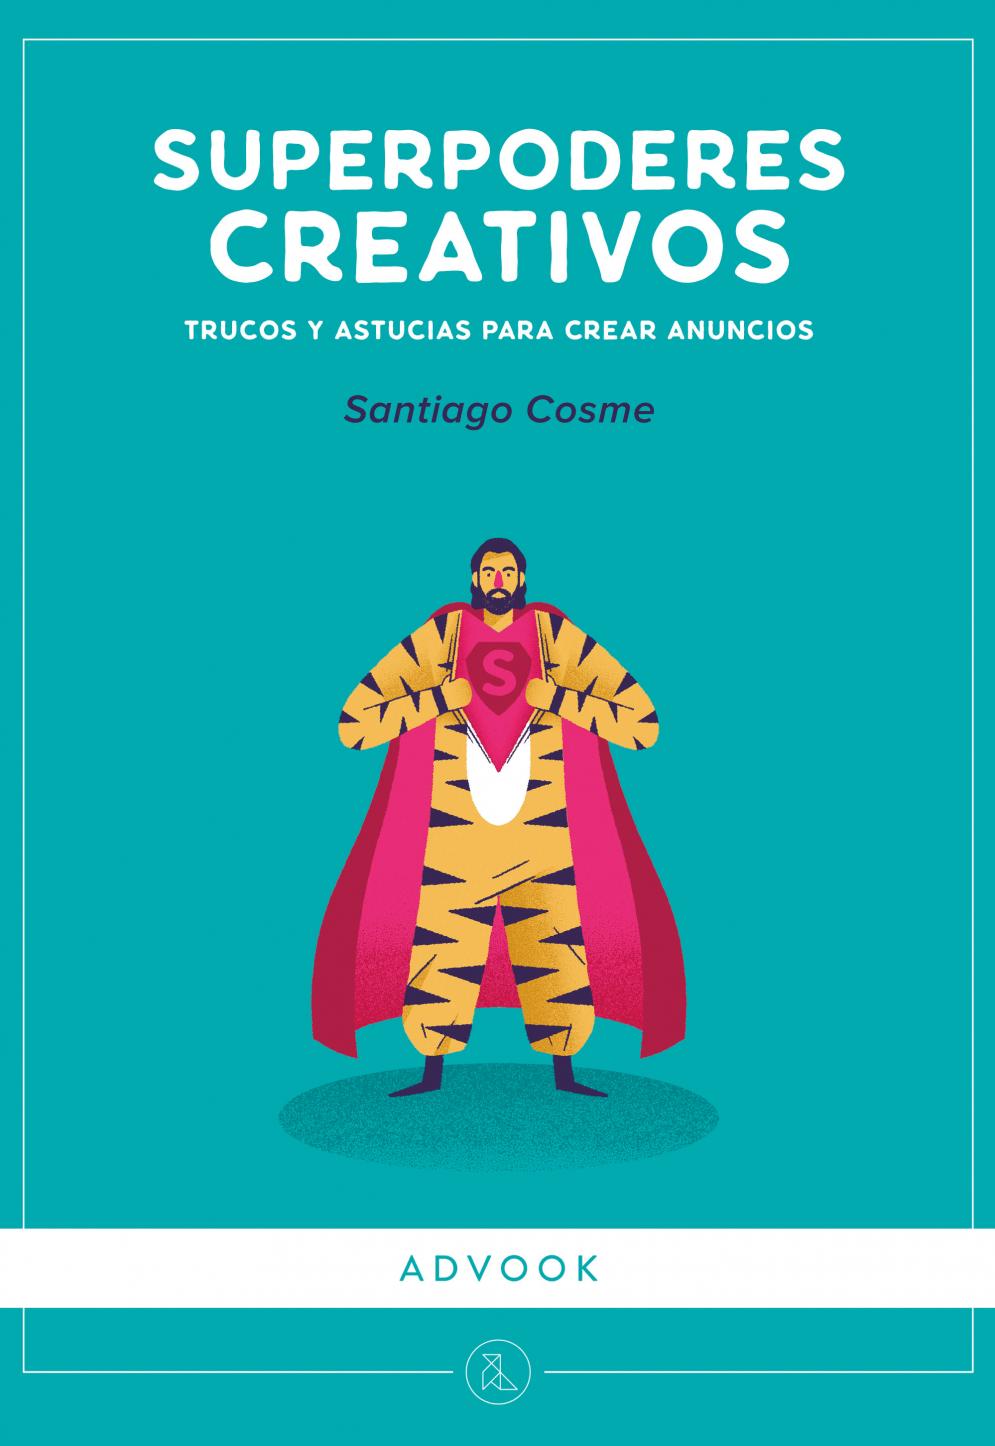 Portada del libro Superpoderes creativos. Trucos y astucias para crear anuncios